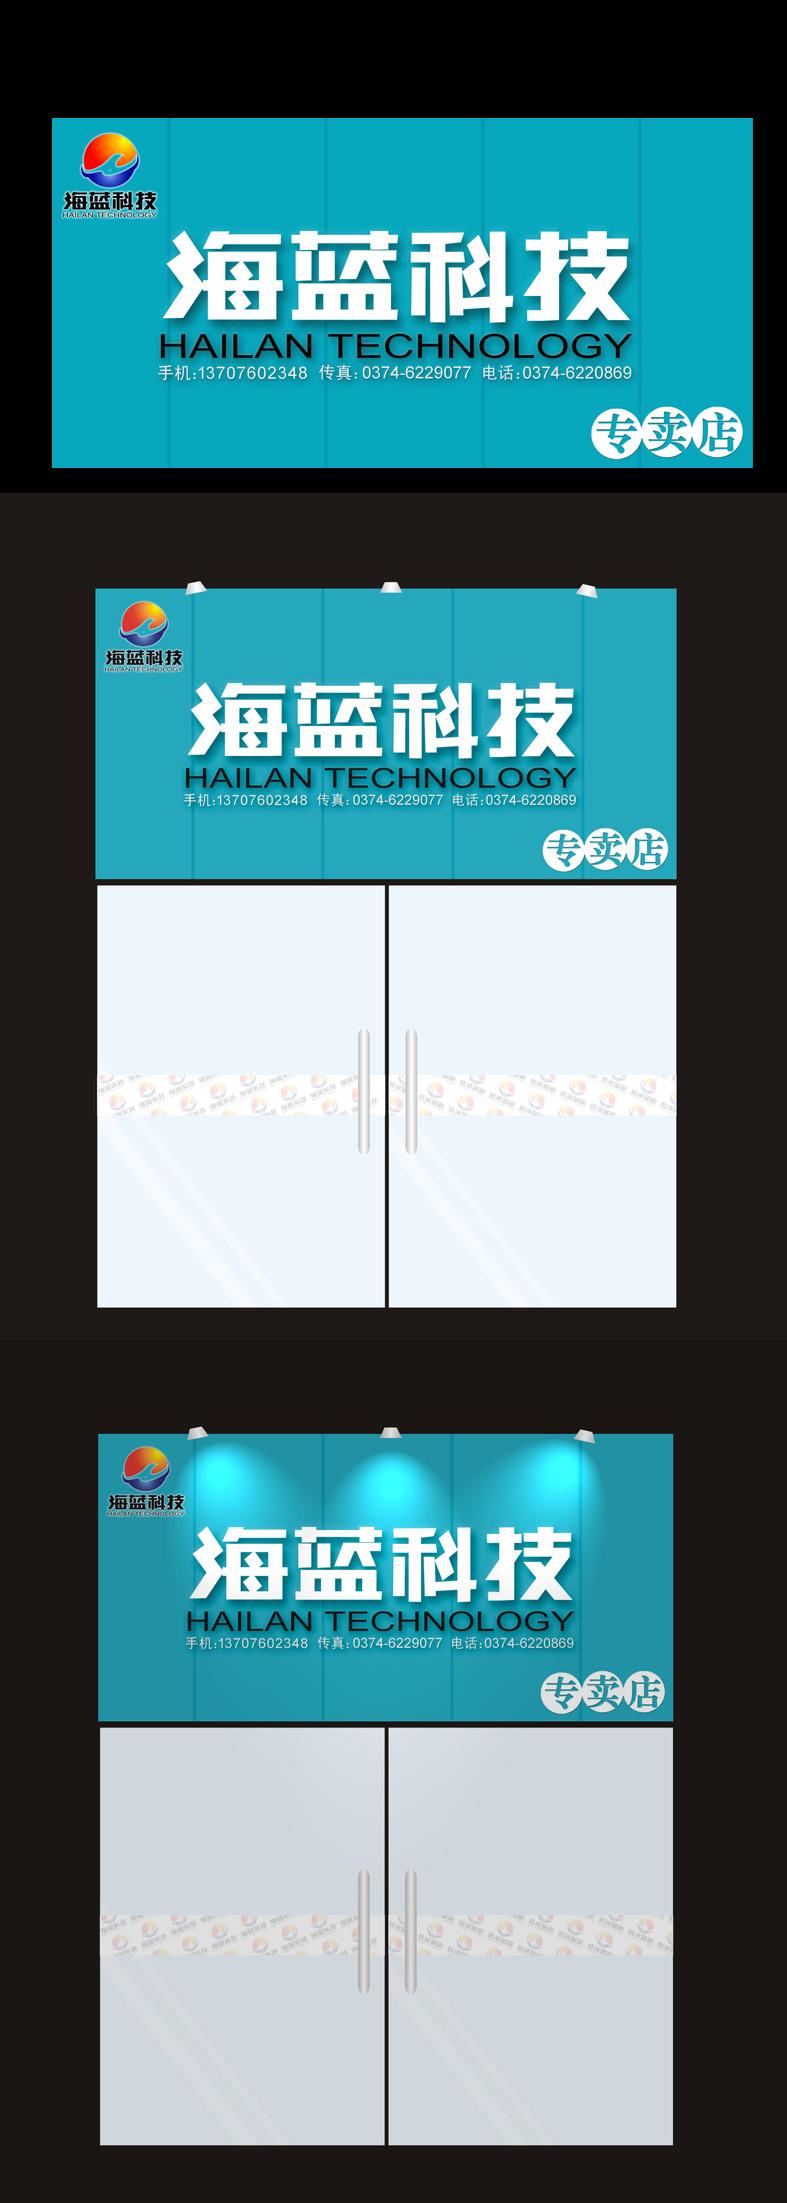 海蓝科技专卖店户外牌匾设计(5号截止)图片